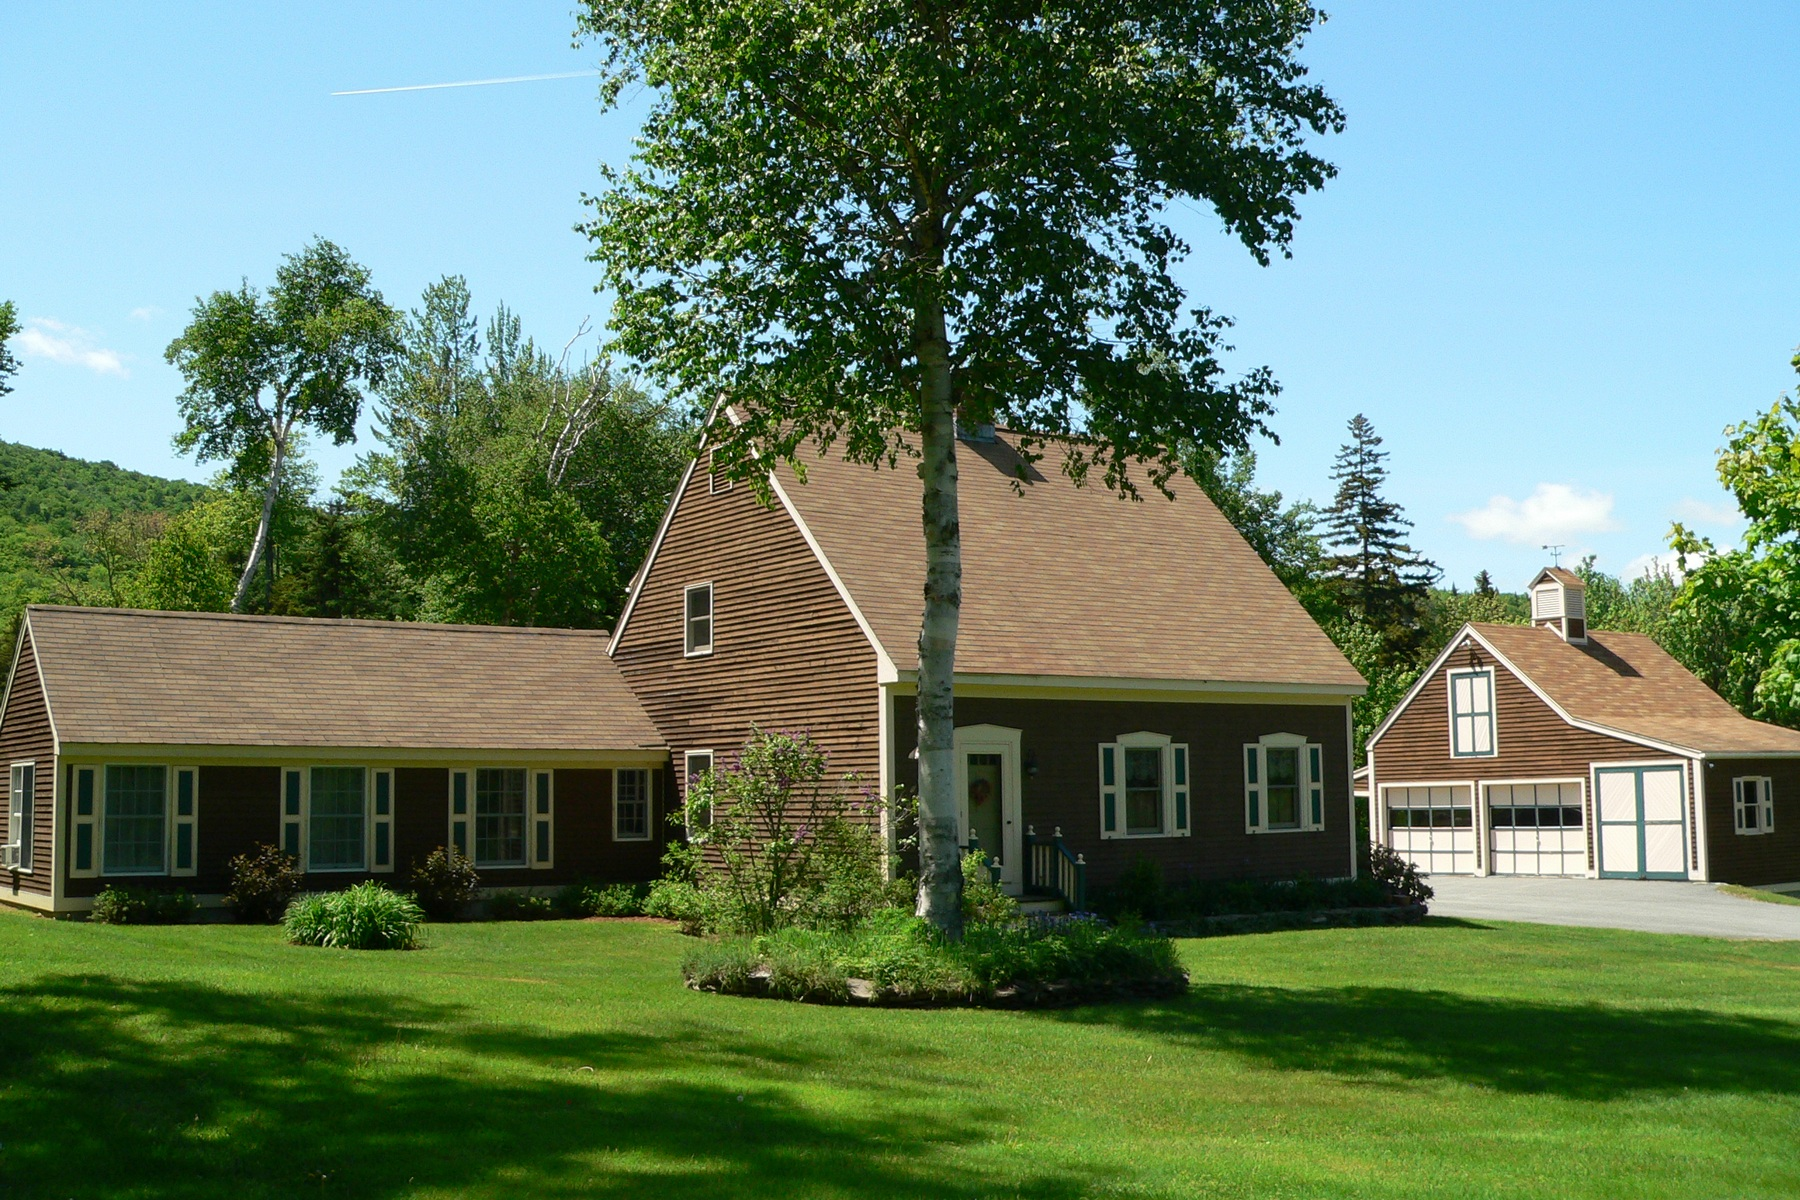 단독 가정 주택 용 매매 에 Classic Cape Cod with Yankee Barn Master Suite 2401 North Hill Rd Andover, 베르몬트, 05143 미국